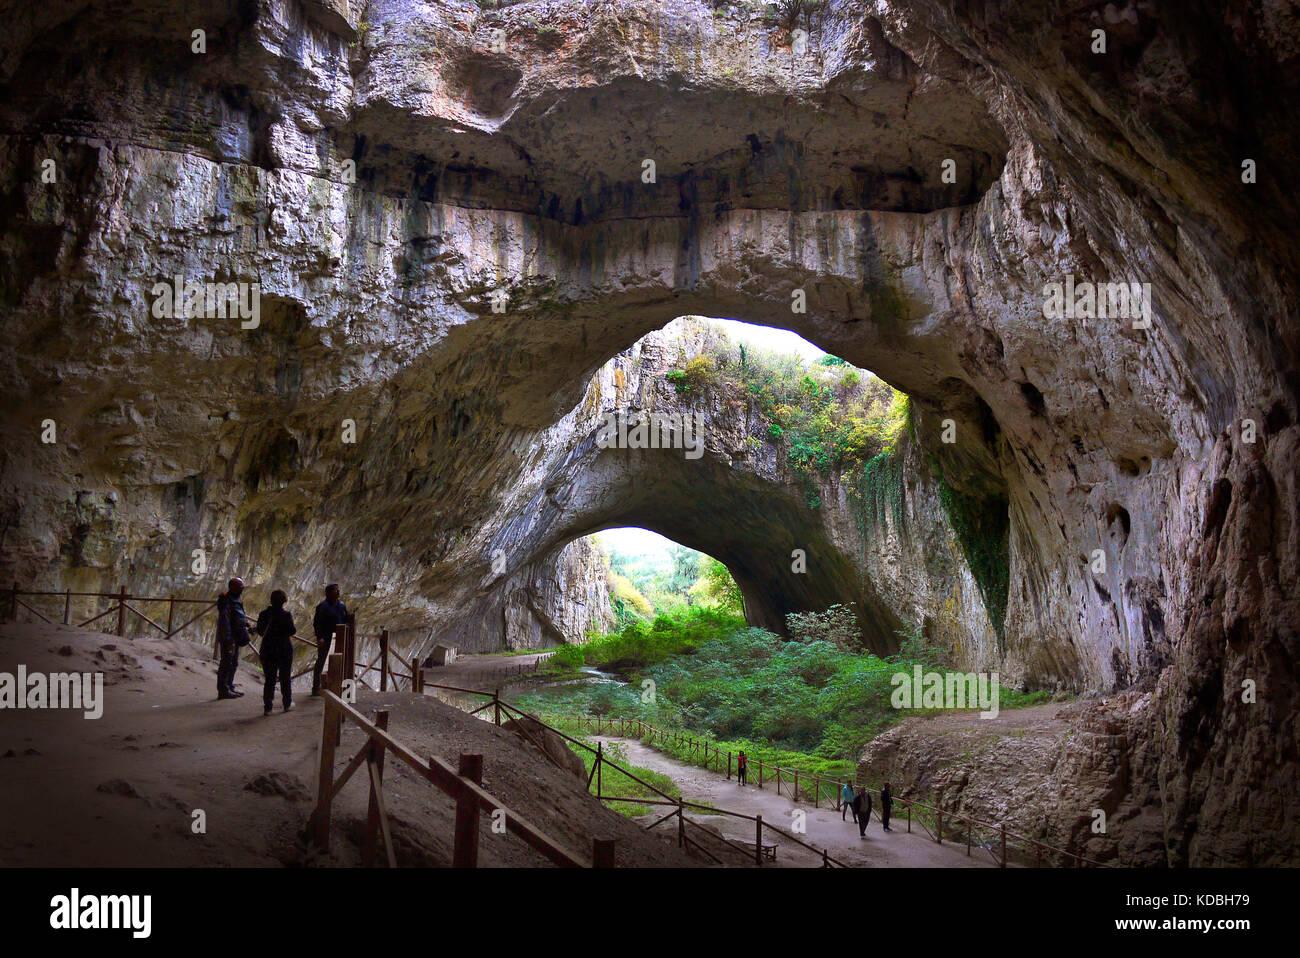 Visiteurs éclipsées par la taille de la grotte devetashka en Bulgarie. Photo Stock